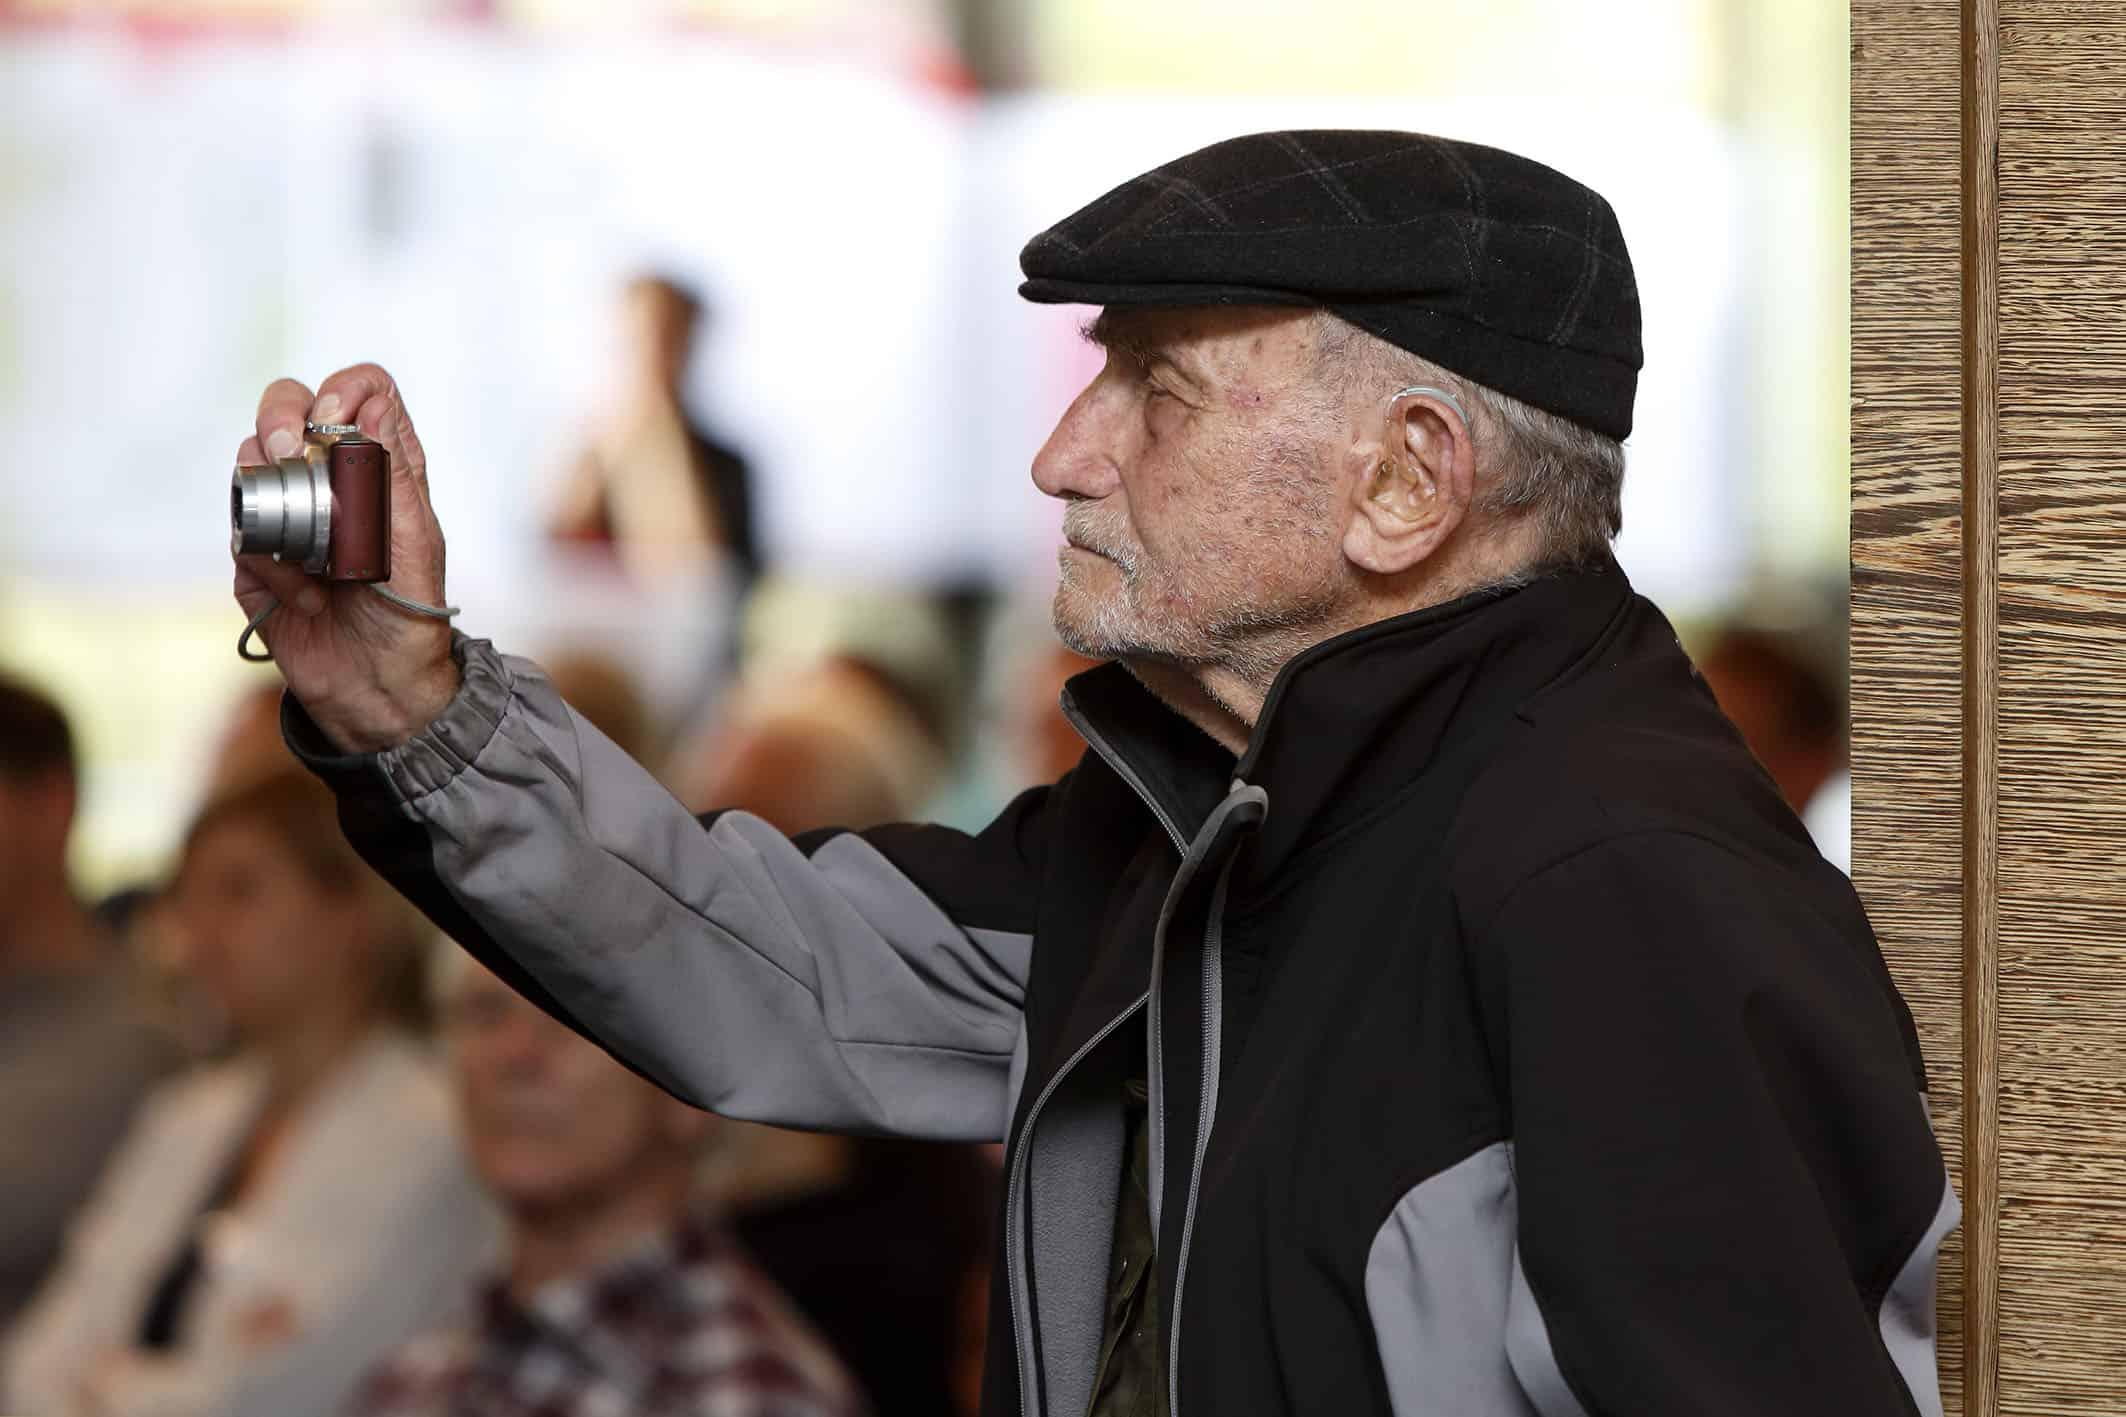 Fotograf Michael Bry wird für Lebenswerk geehrt